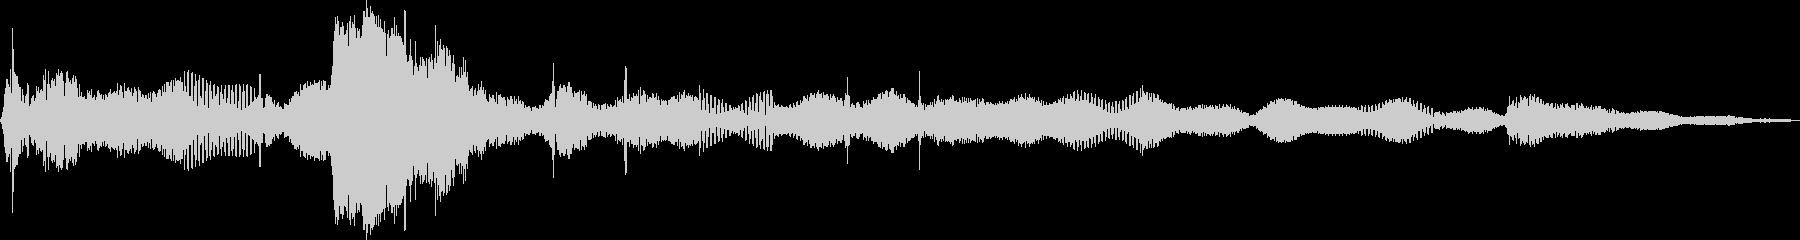 Electro Ping無線干渉の未再生の波形